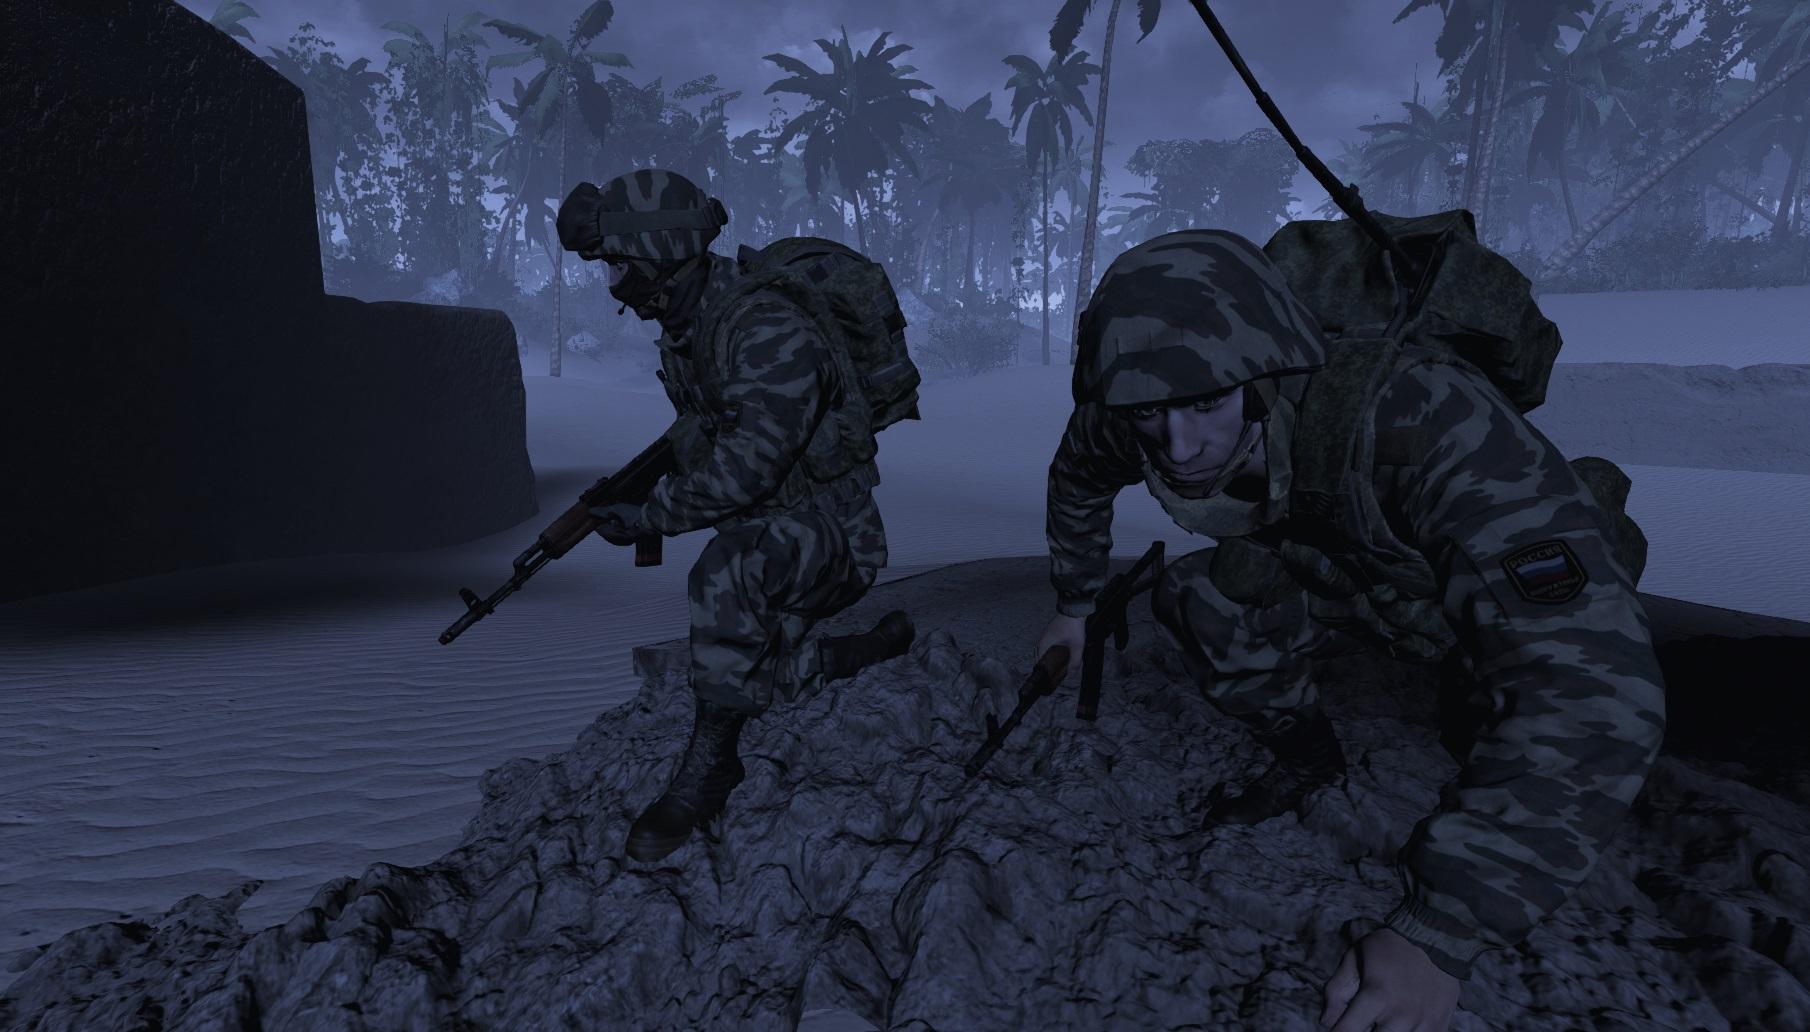 ru_army_2009_01s8uye.jpg